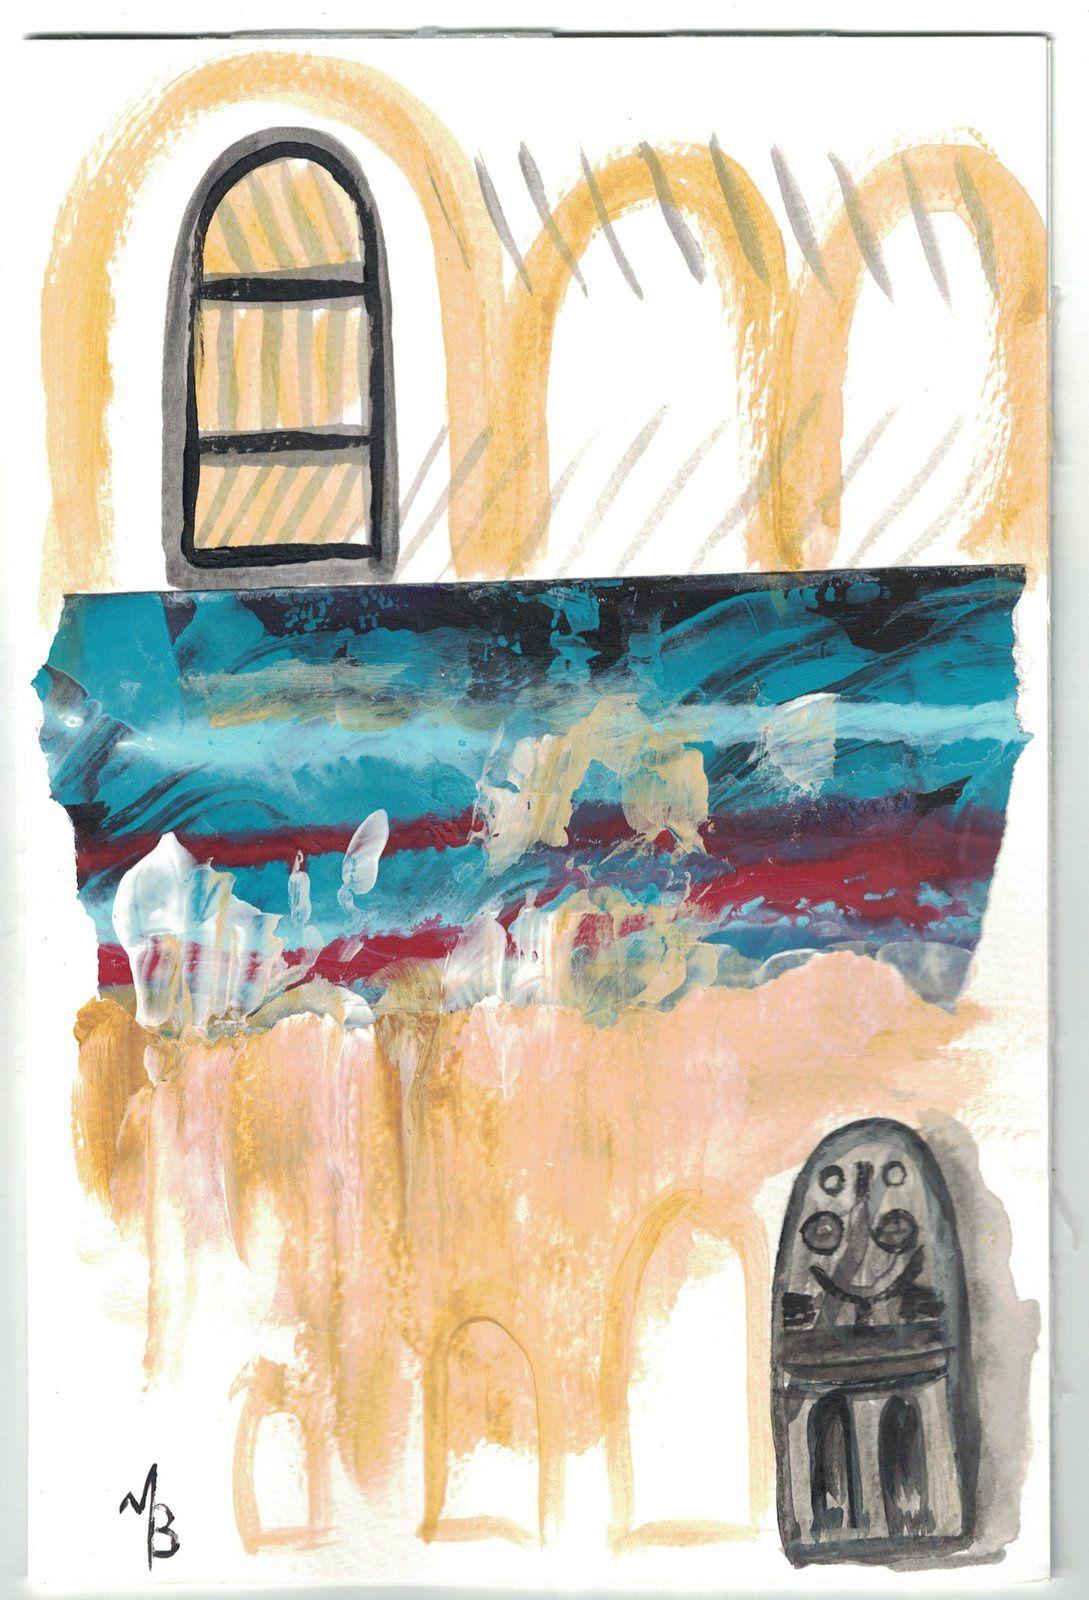 PLATEAU DES CONFLUENCE, livre d'artiste (Régis Roux/ Martine Boutet; 2017)